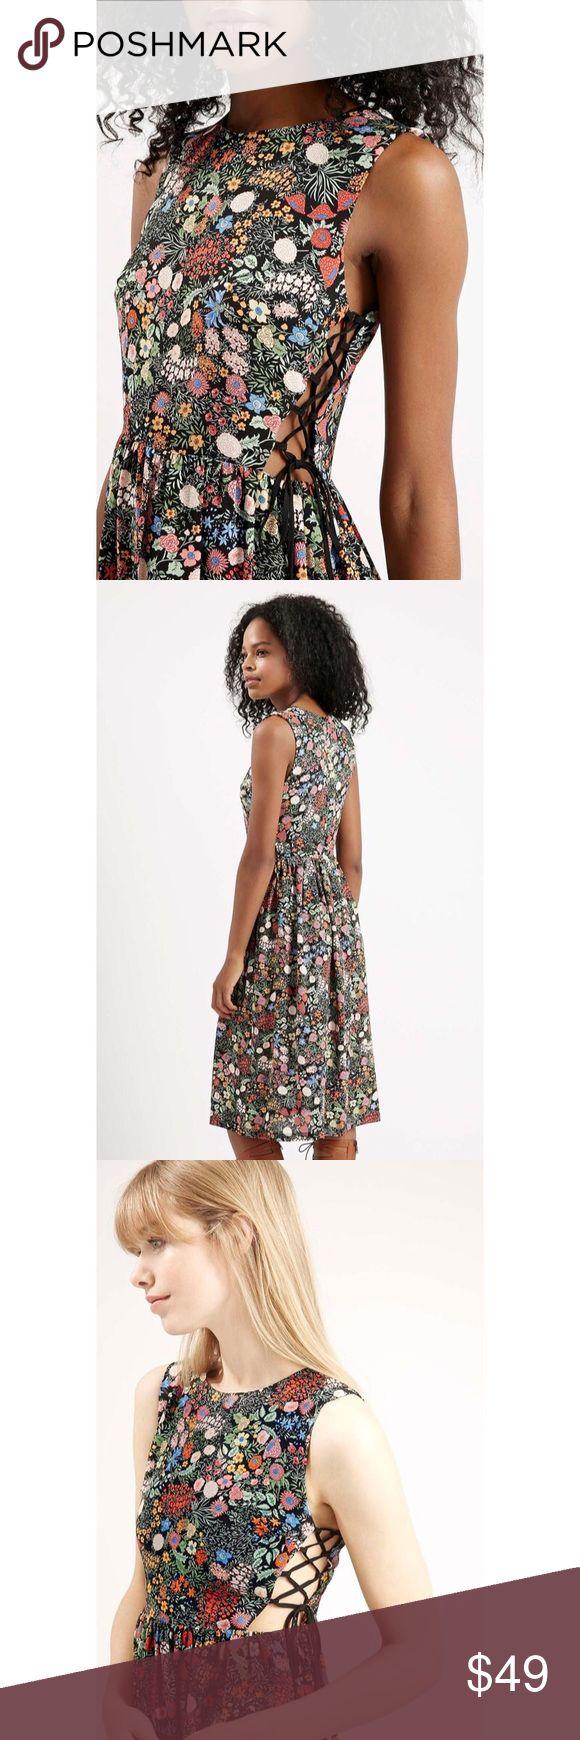 🔥SALE🔥BTOPSHOP Floral Lace-Up Dress Super cute dress by TOPSHOP Topshop Dresses Midi